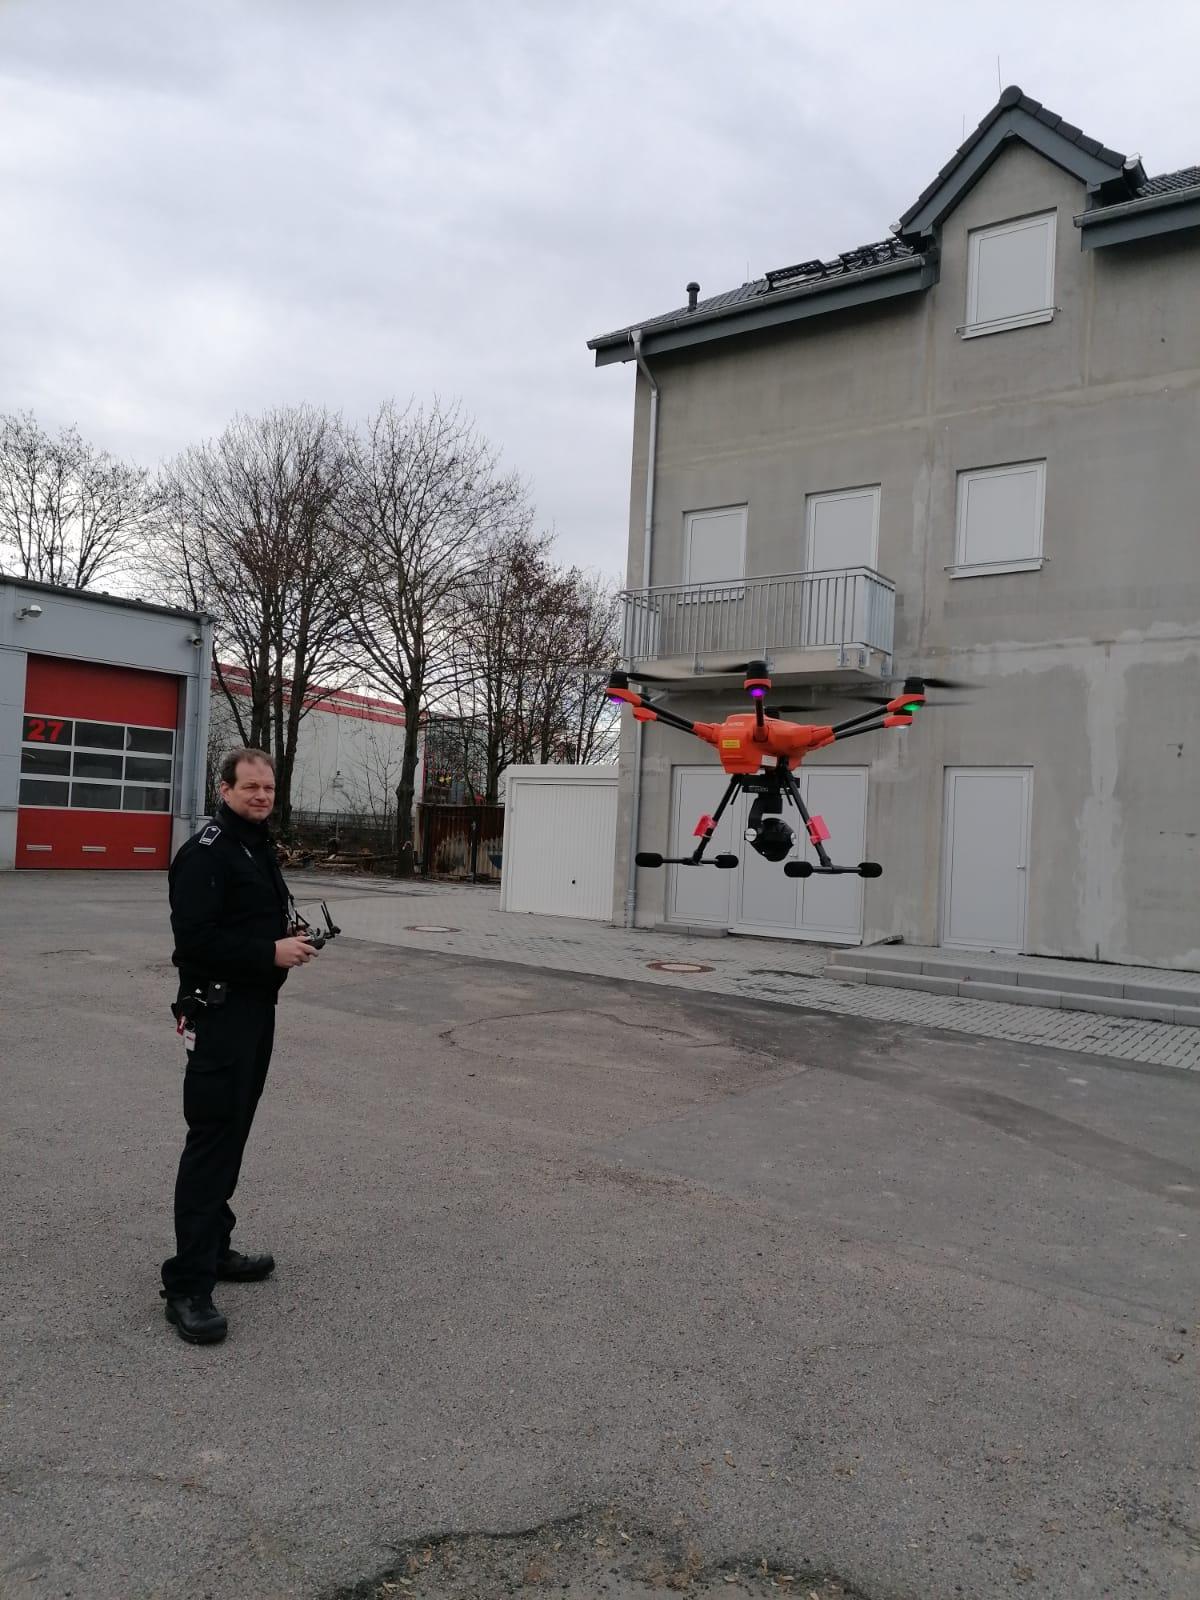 Feuerwehr Bonn setzt zukünftig auf die Unterstützung aus der Luft